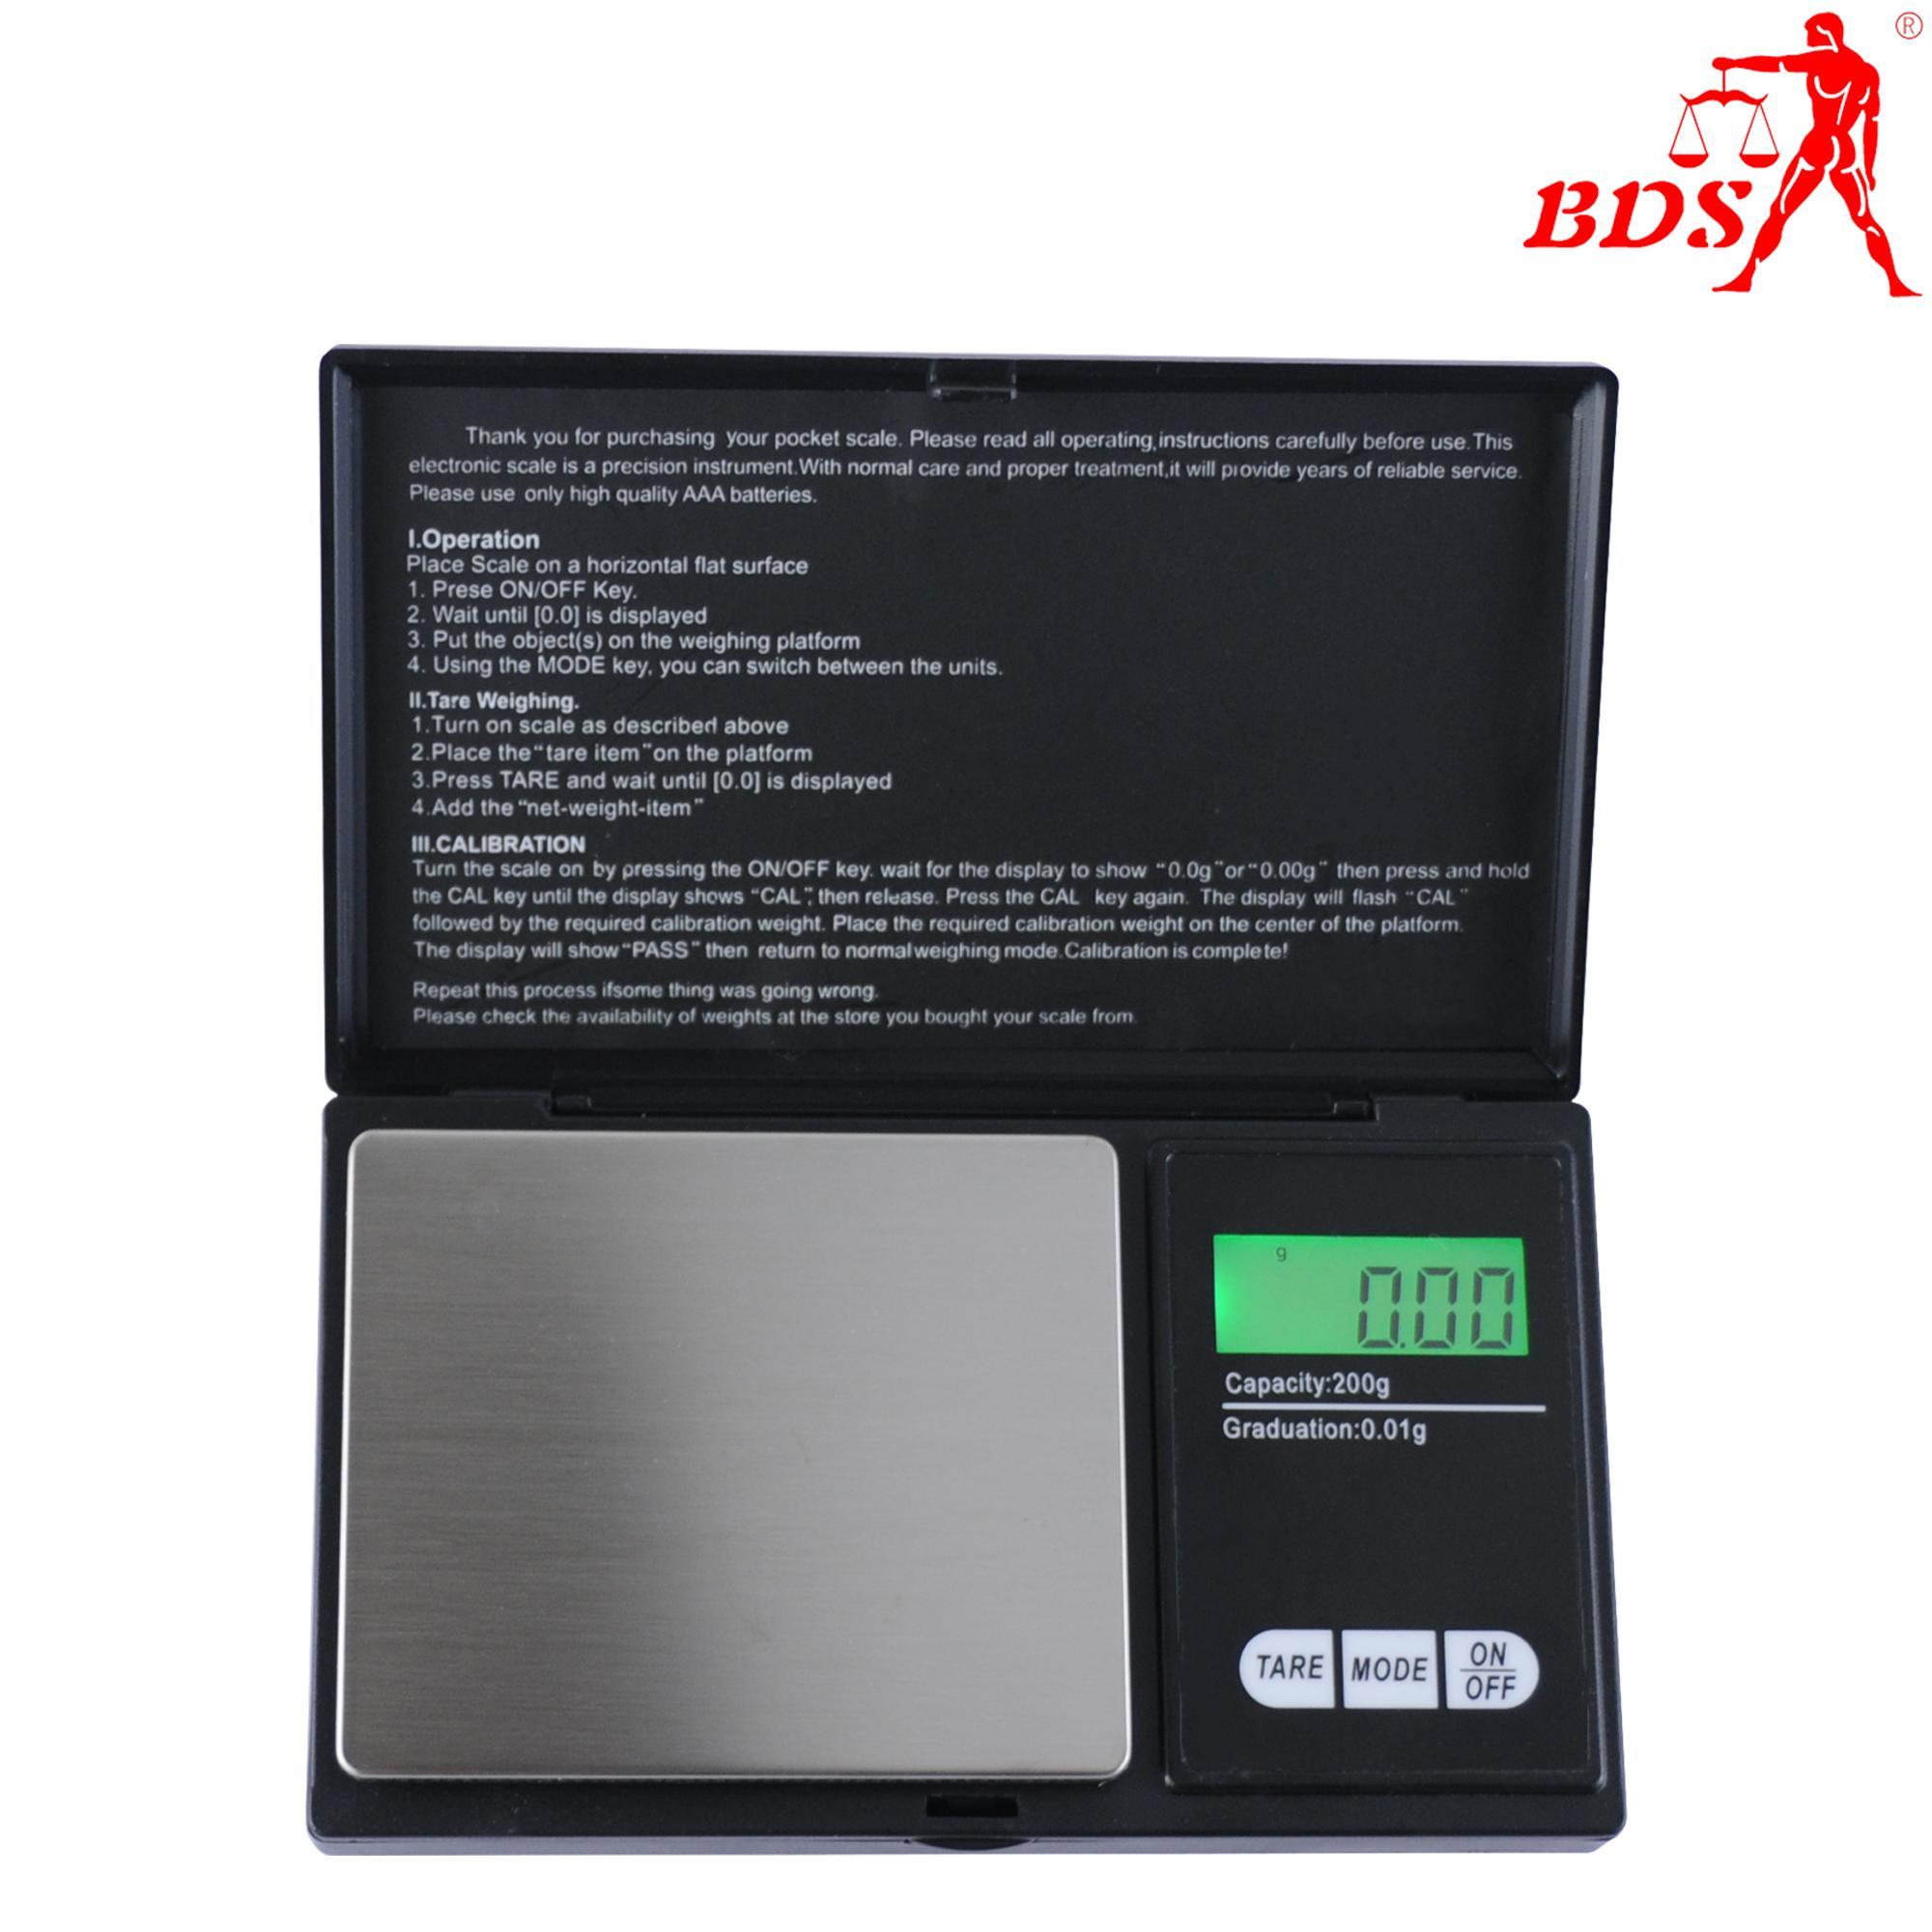 中國衡器電子口袋秤,手掌秤,珠寶秤,迷你秤北斗星衡器生產廠家 1